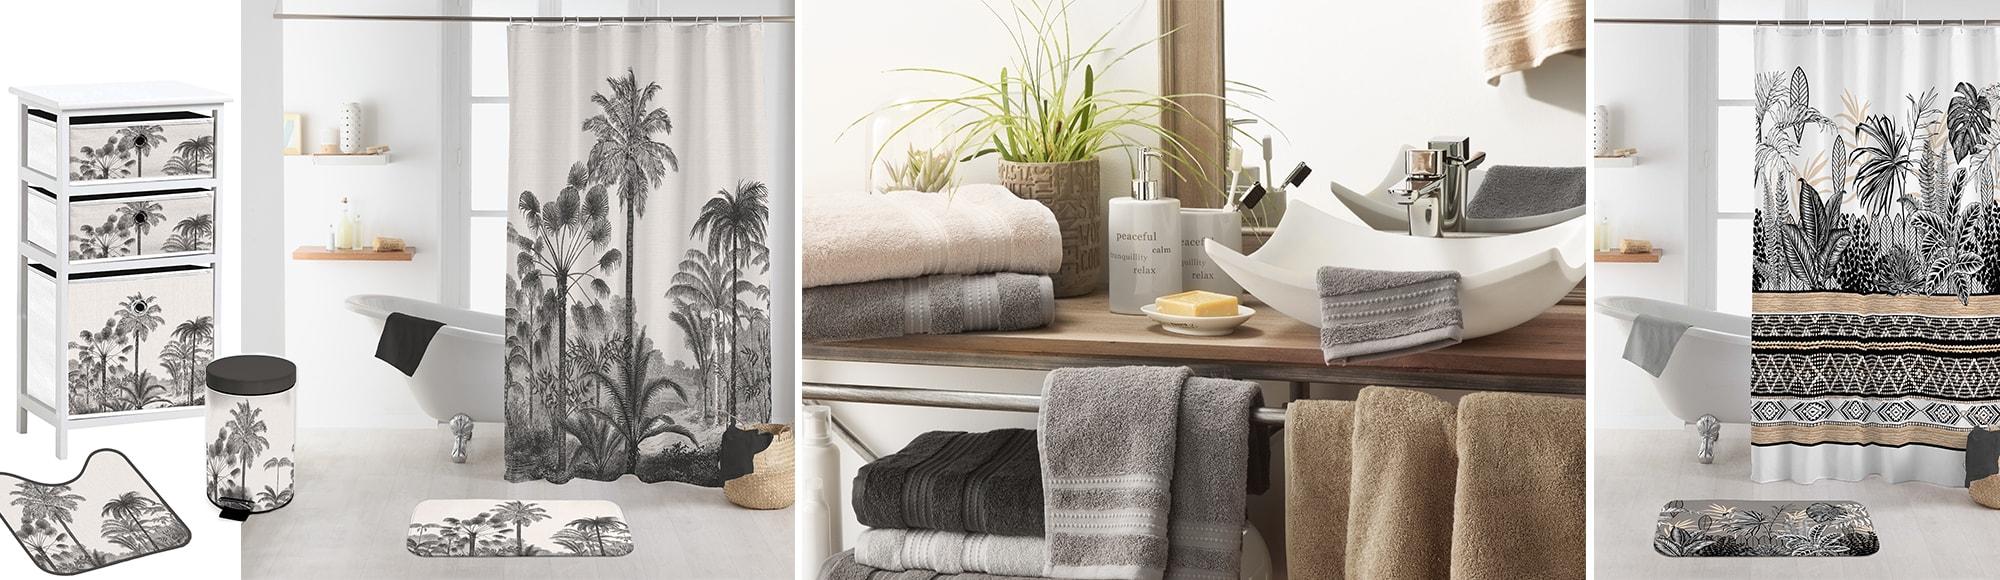 U10 - Fournisseur en décoration d'intérieur - marque douceur d'interieur - salle de bain - theme cocoty - eponge excellence